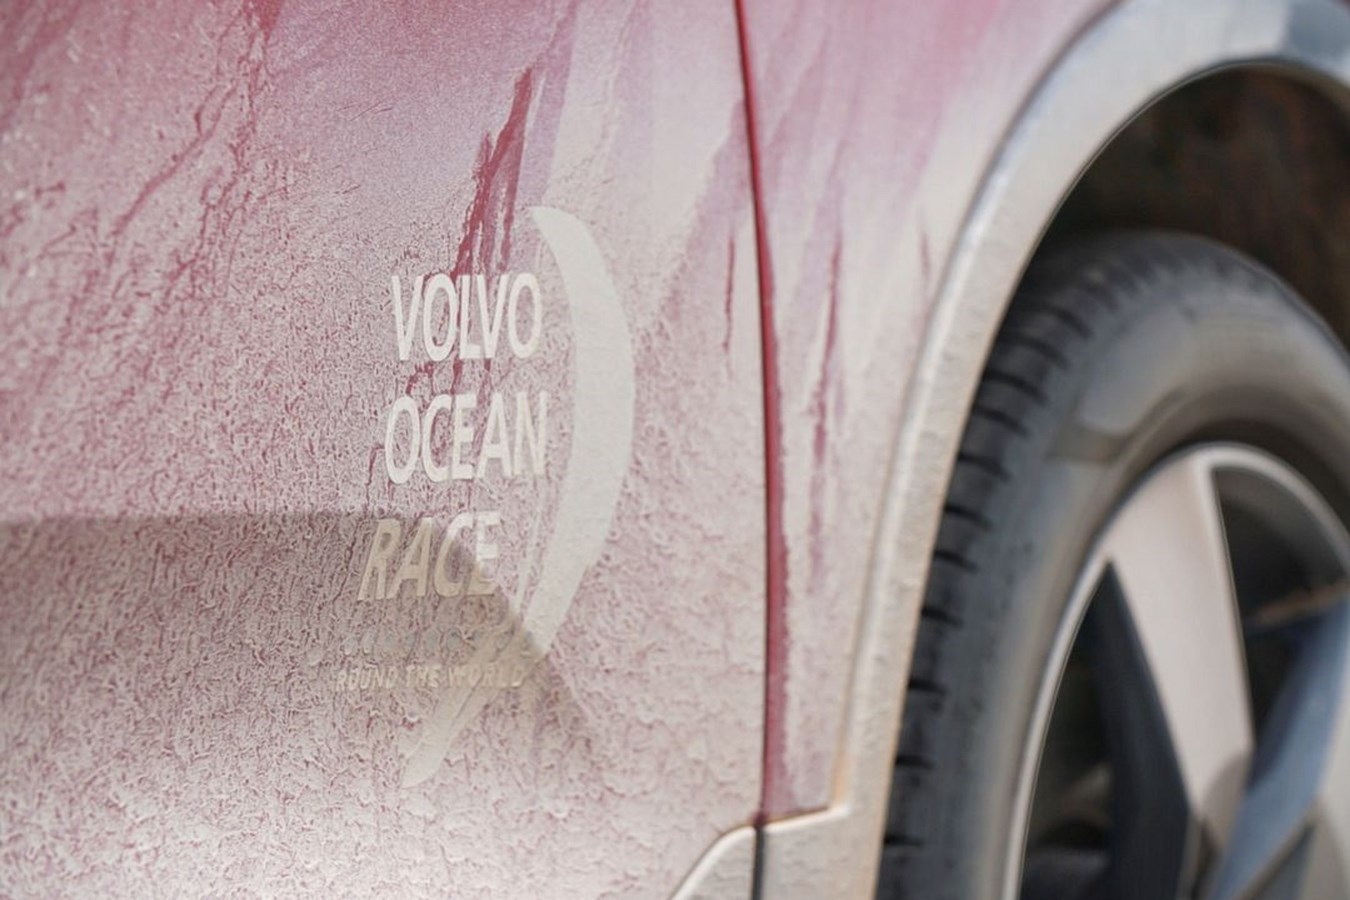 Cacá Clauset 2018 Volvo Ocean Race